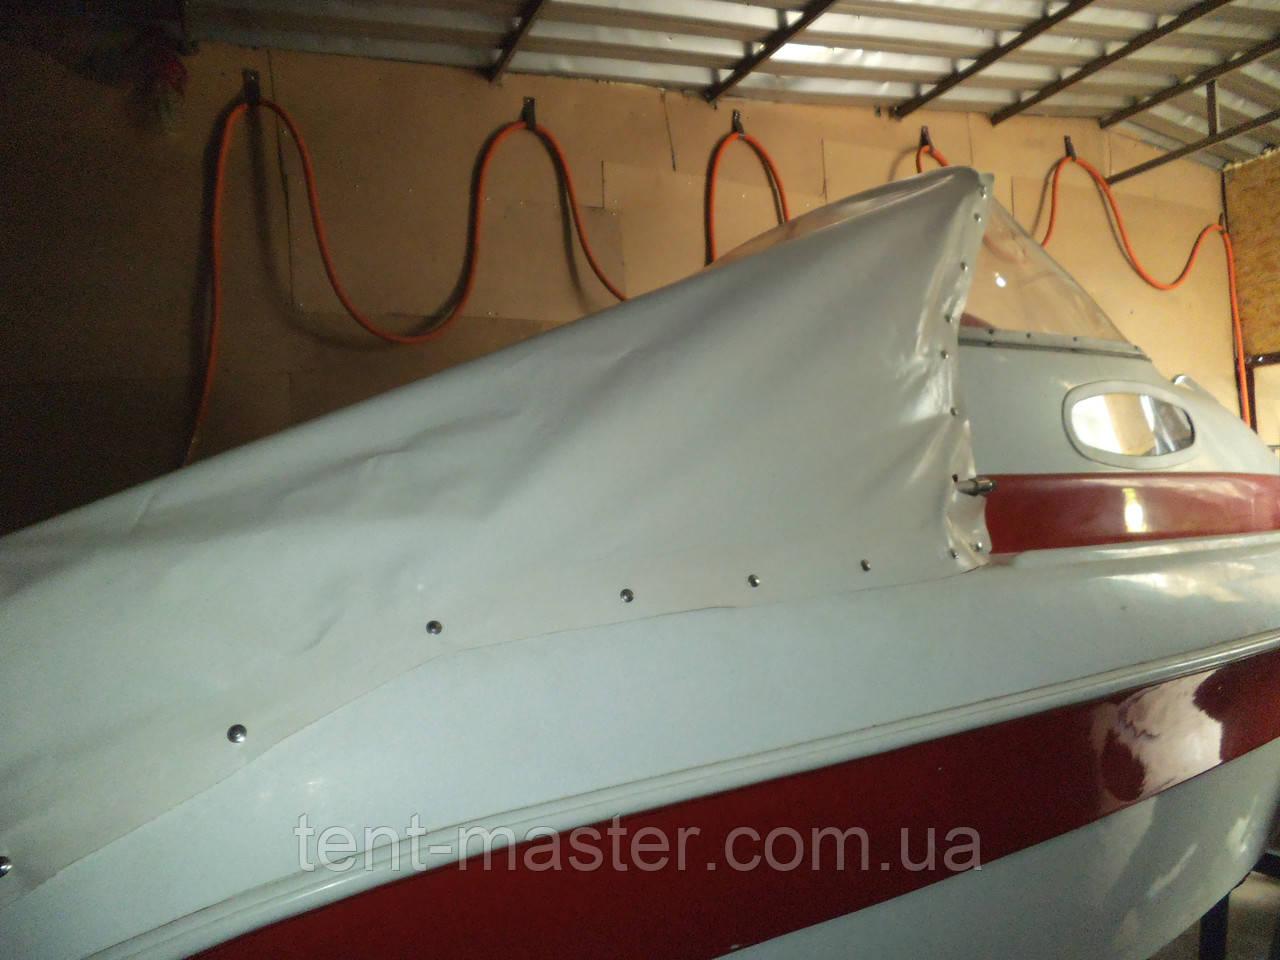 Транспортировочные тенты из ткани ПВХ на лодки Галиа